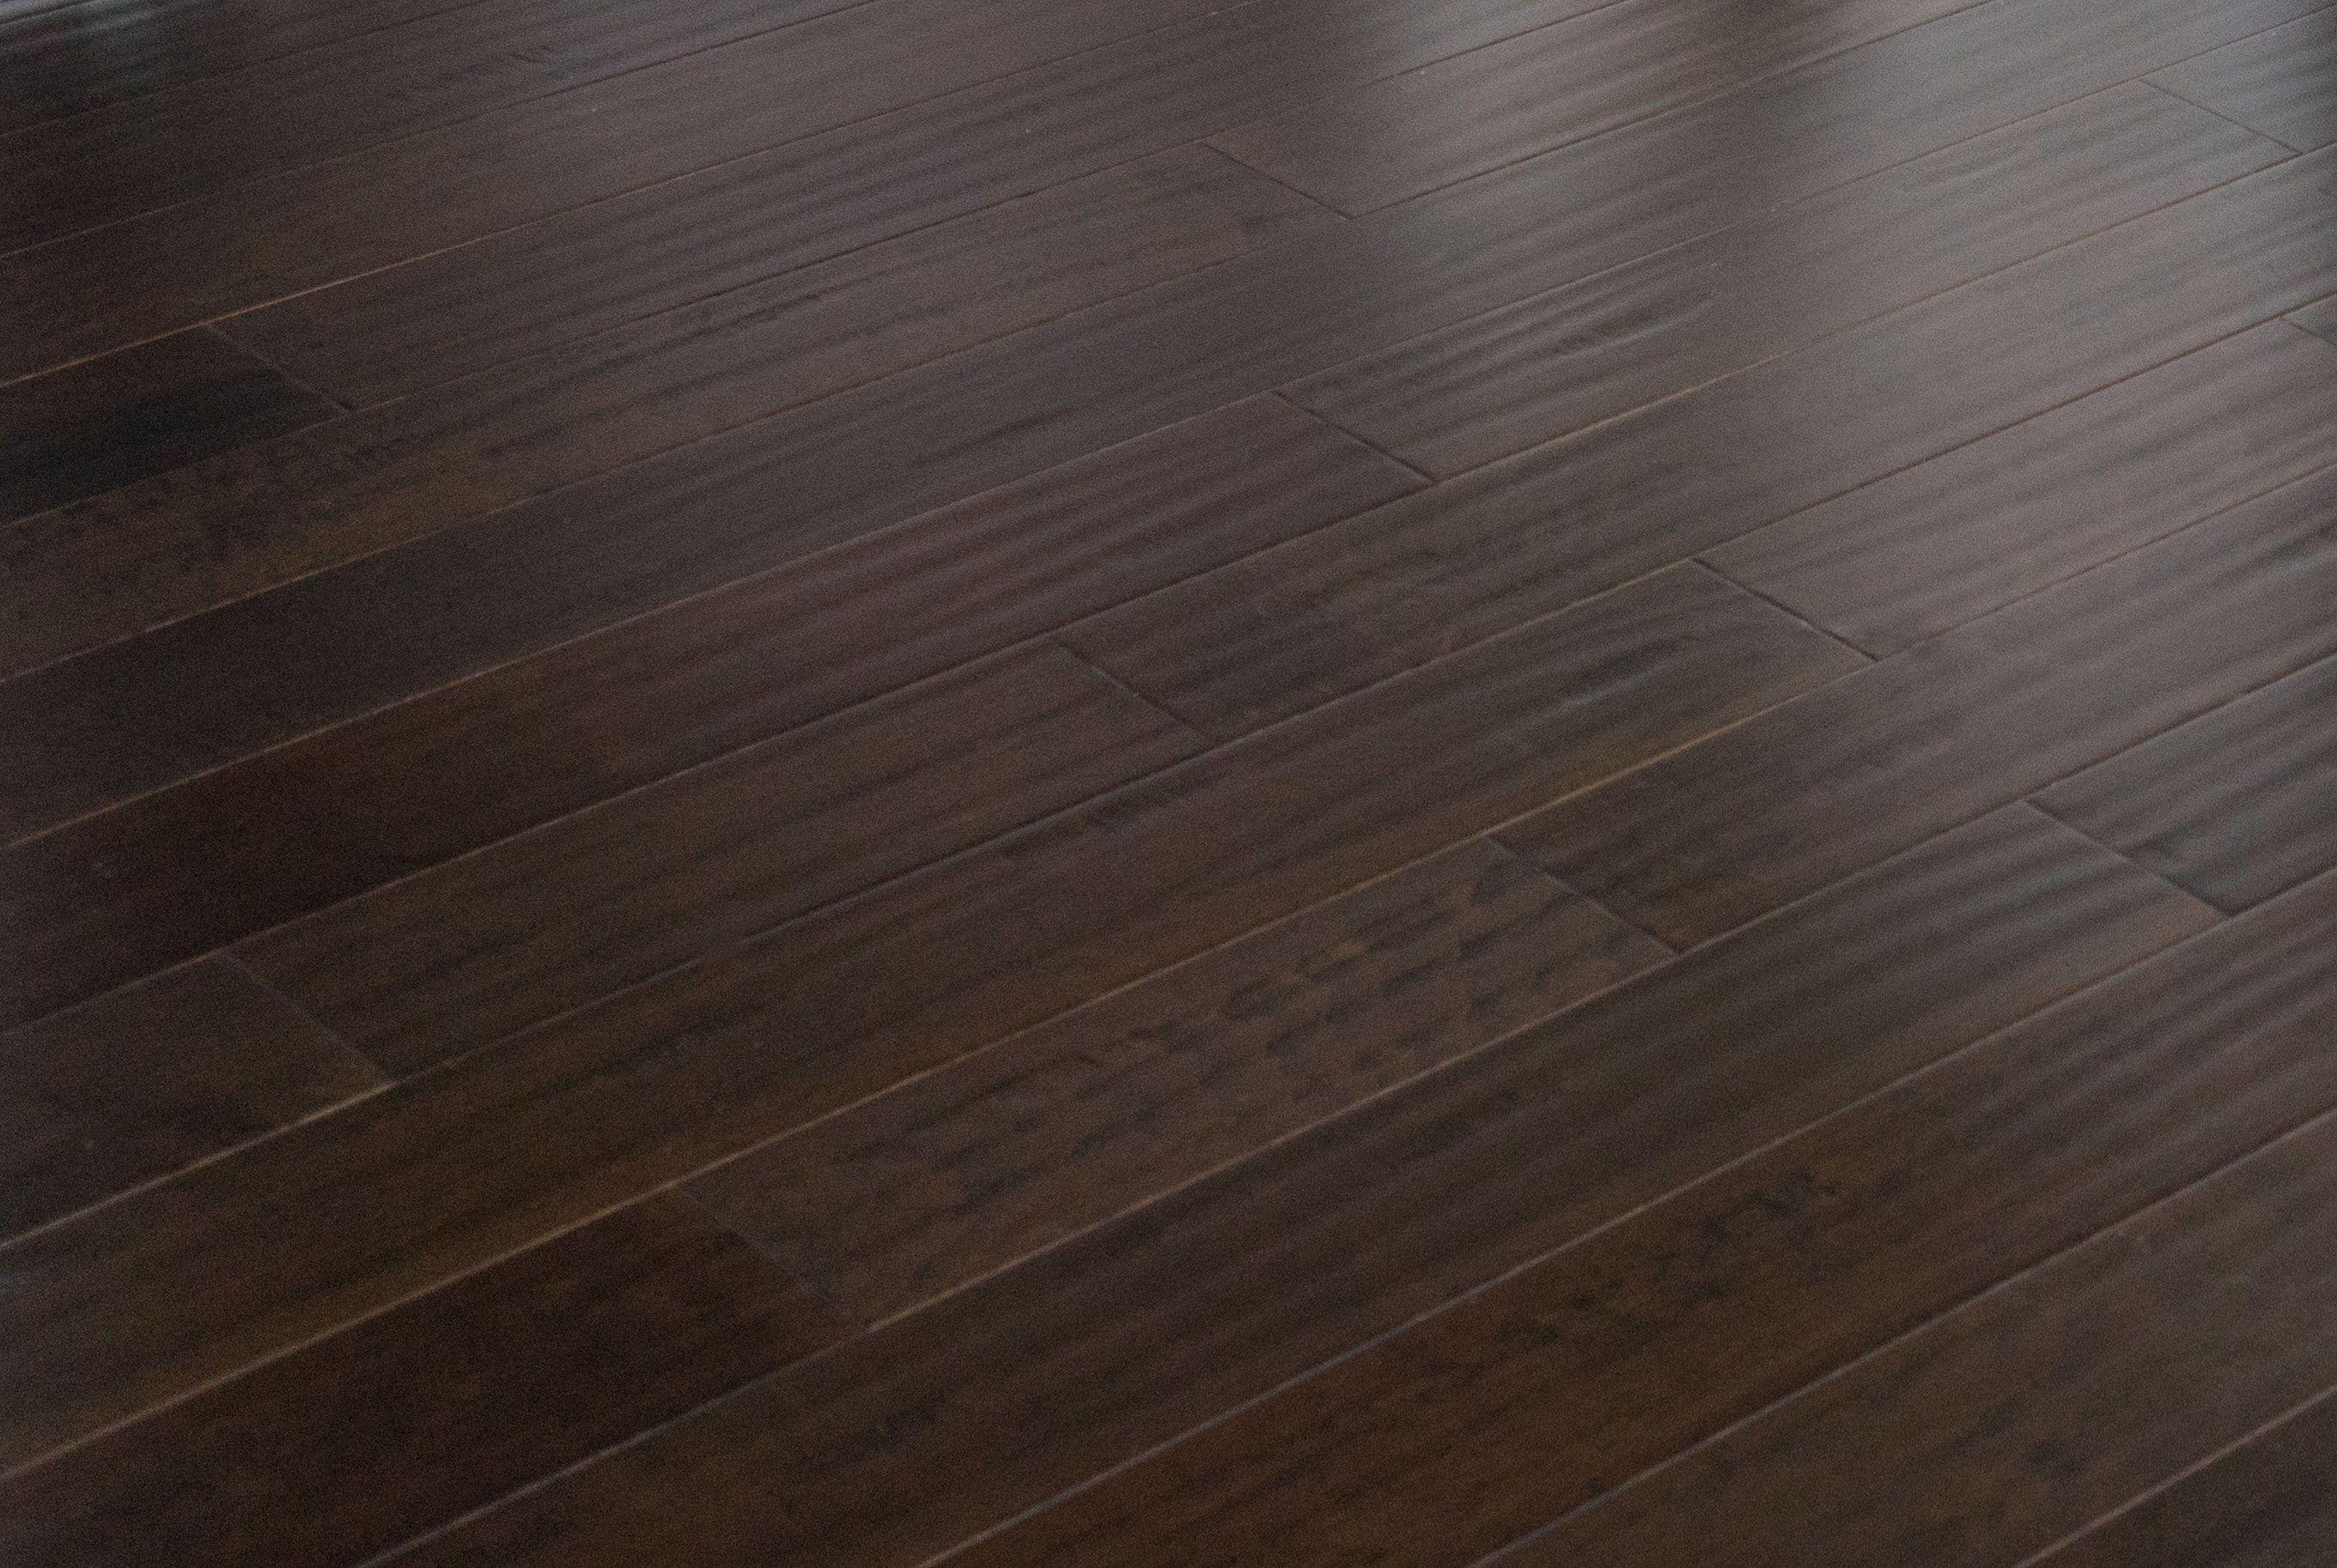 Engineered Hardwood Wood Floors, 5 Inch Laminate Flooring